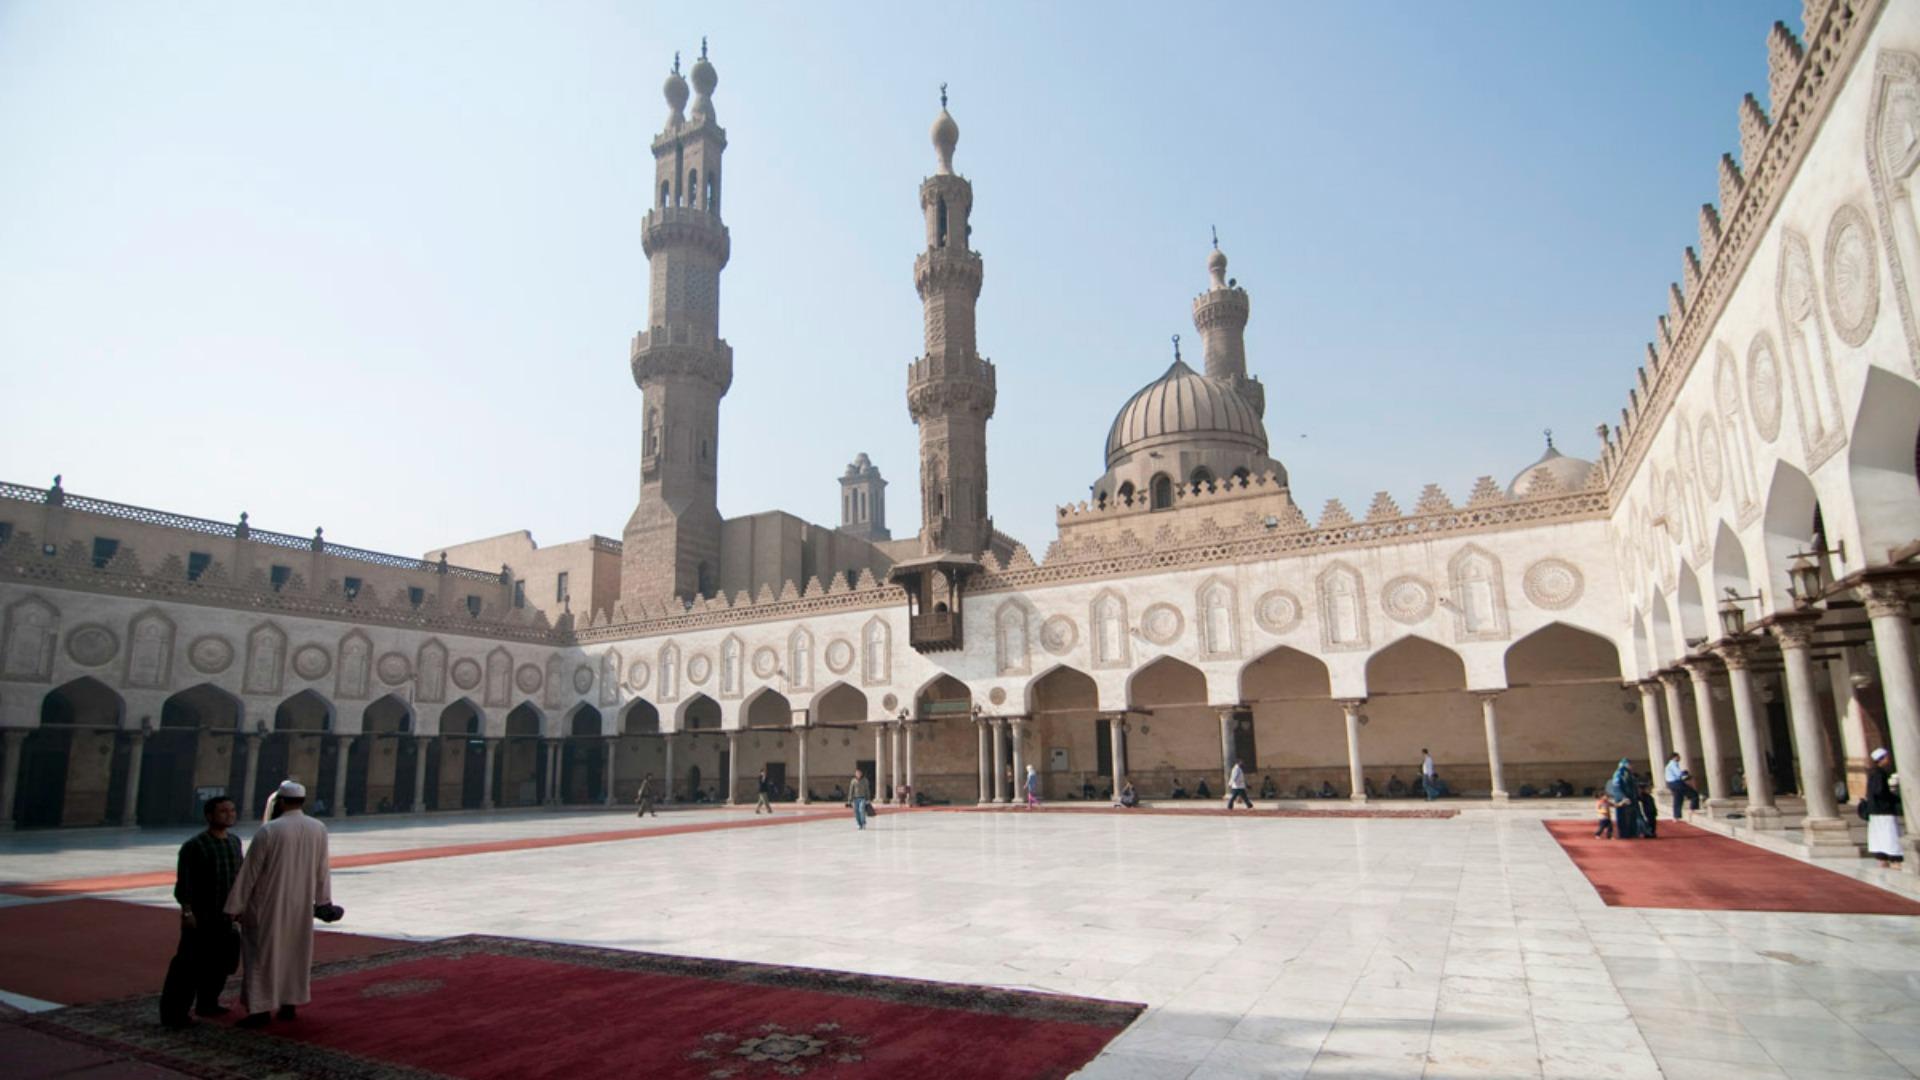 L'université d'al-Azhar en tournée en France pour lutter contre les extrémistes, une vraie bonne idée?